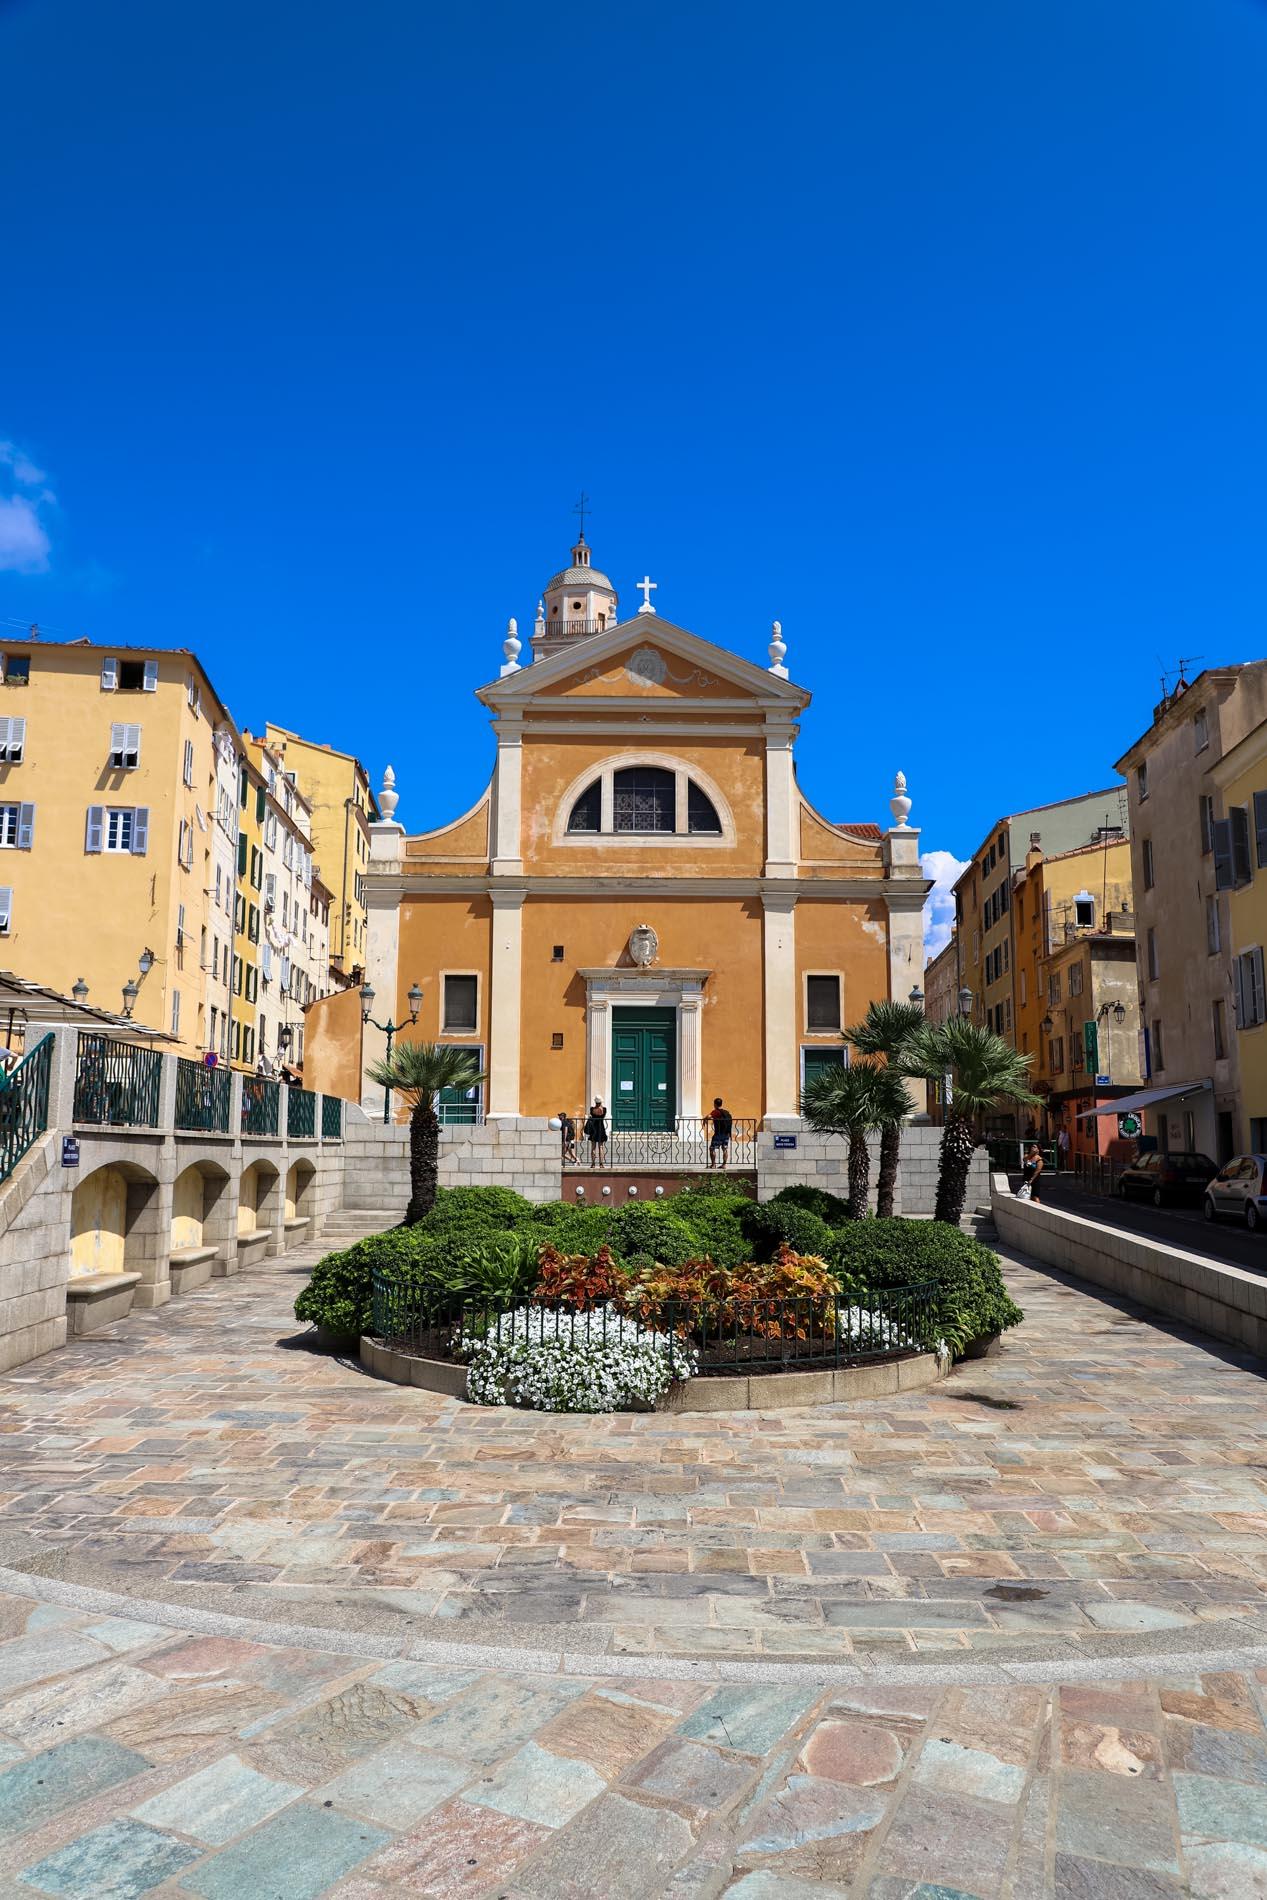 Place_Ajaccio_Corse